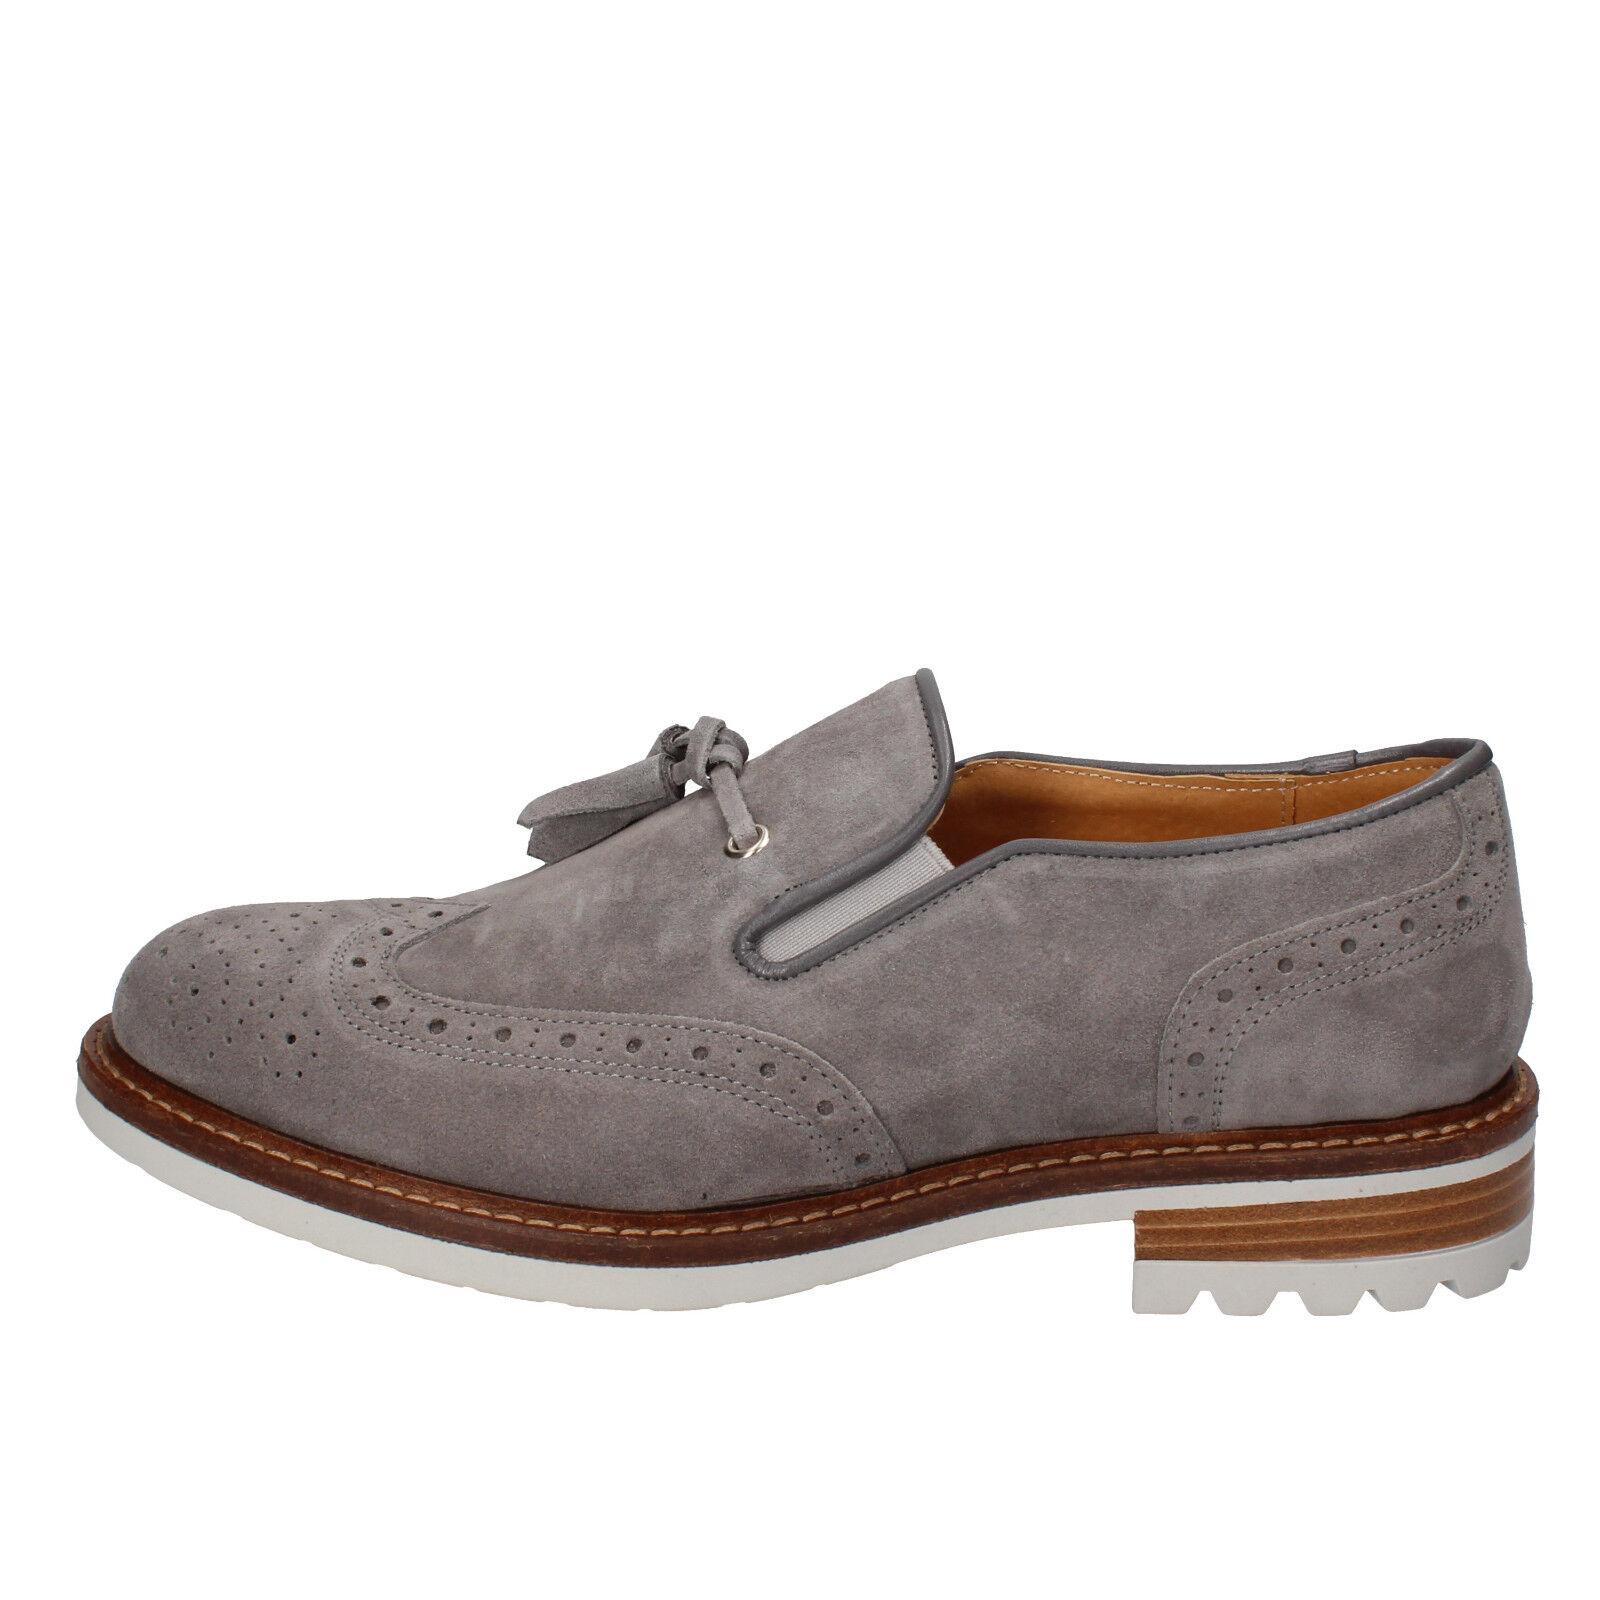 Scarpe da uomo J. BRITLIN 10 (EU 43) scippate su  grigio scamoscio AB62 -E  sconto di vendita